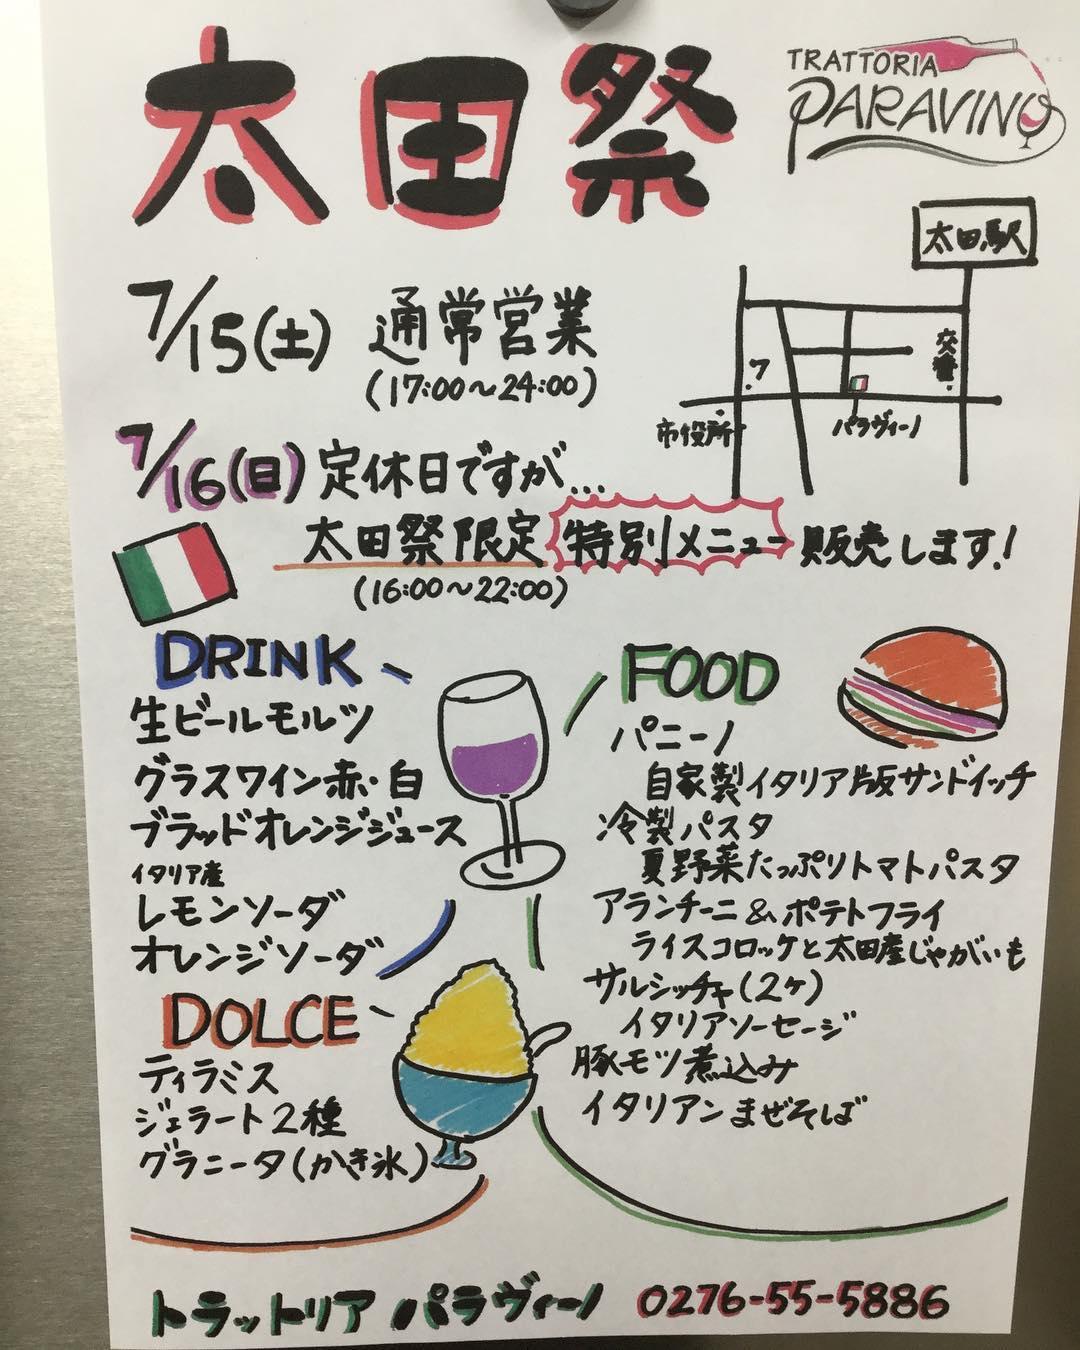 太田祭のチラシ完成しました️ お楽しみにー😎